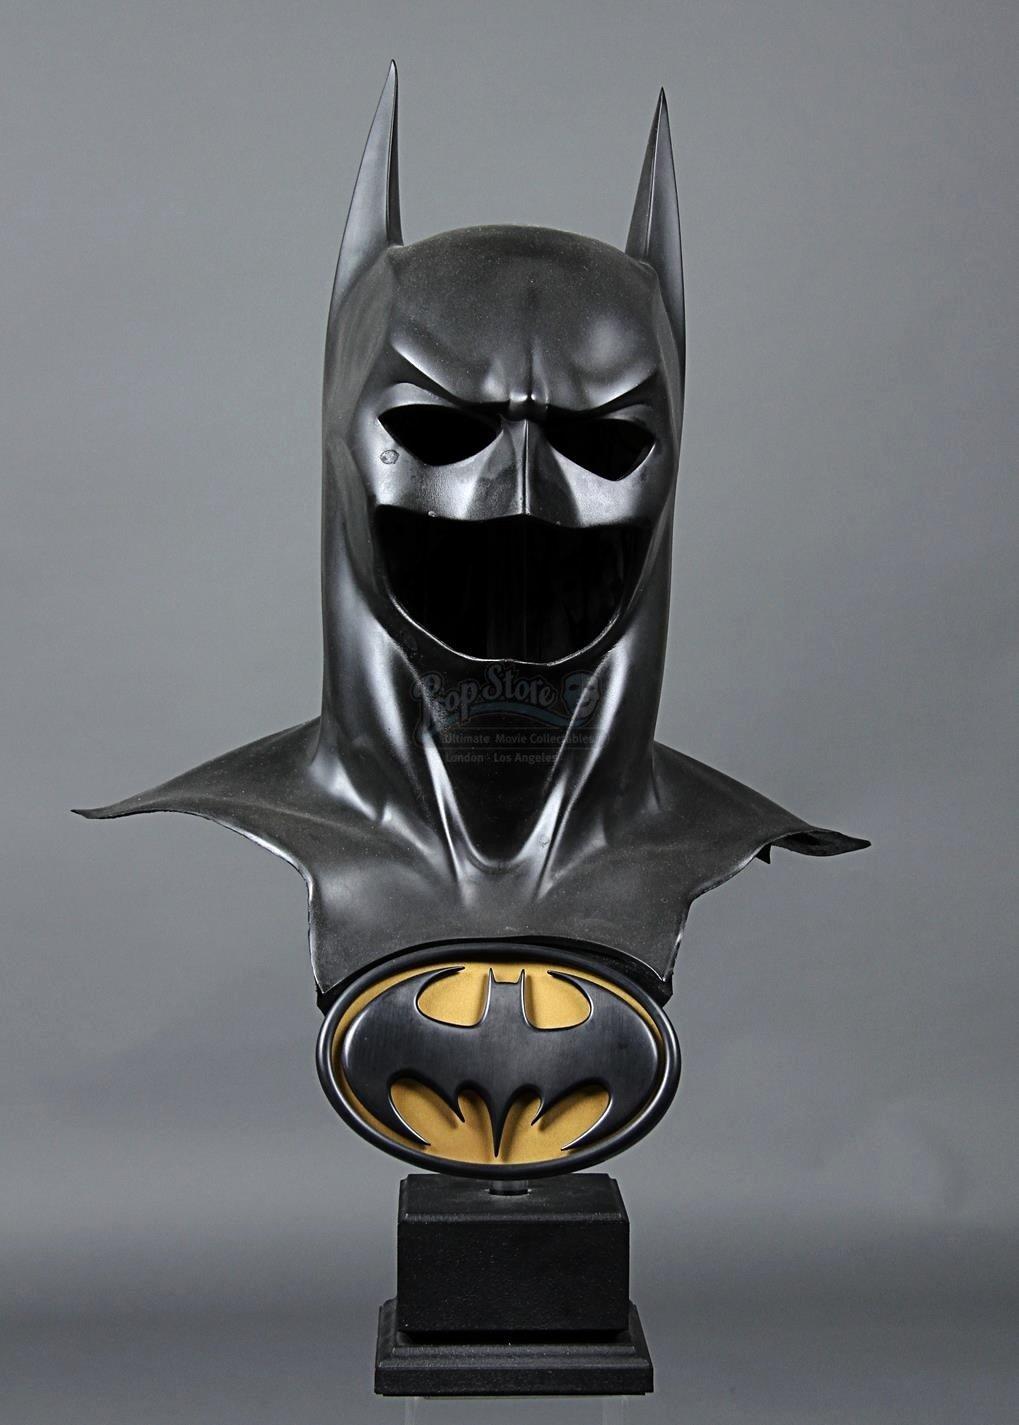 Batman Chest Emblem Unique Batman forever 1995 Batman S Val Kilmer Batsuit Cowl